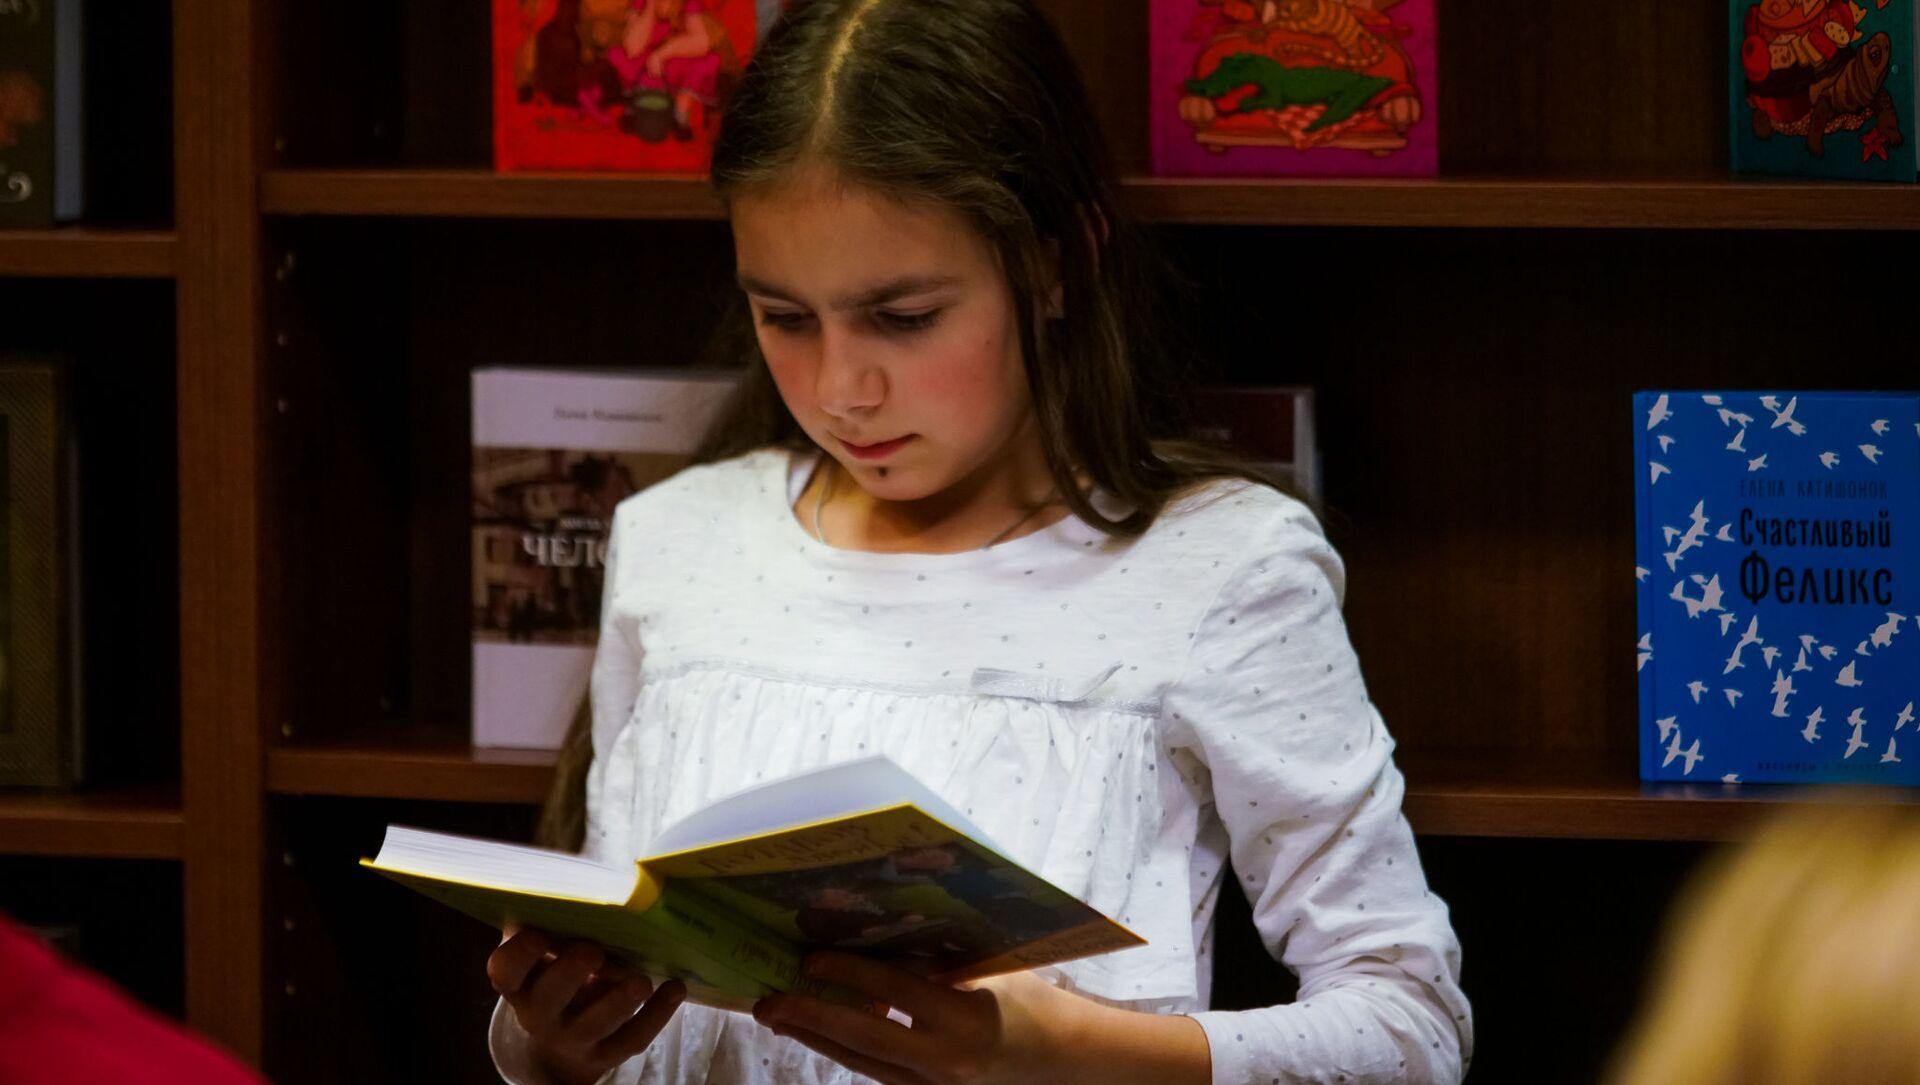 Девочка читает книгу - Sputnik Латвия, 1920, 25.04.2021